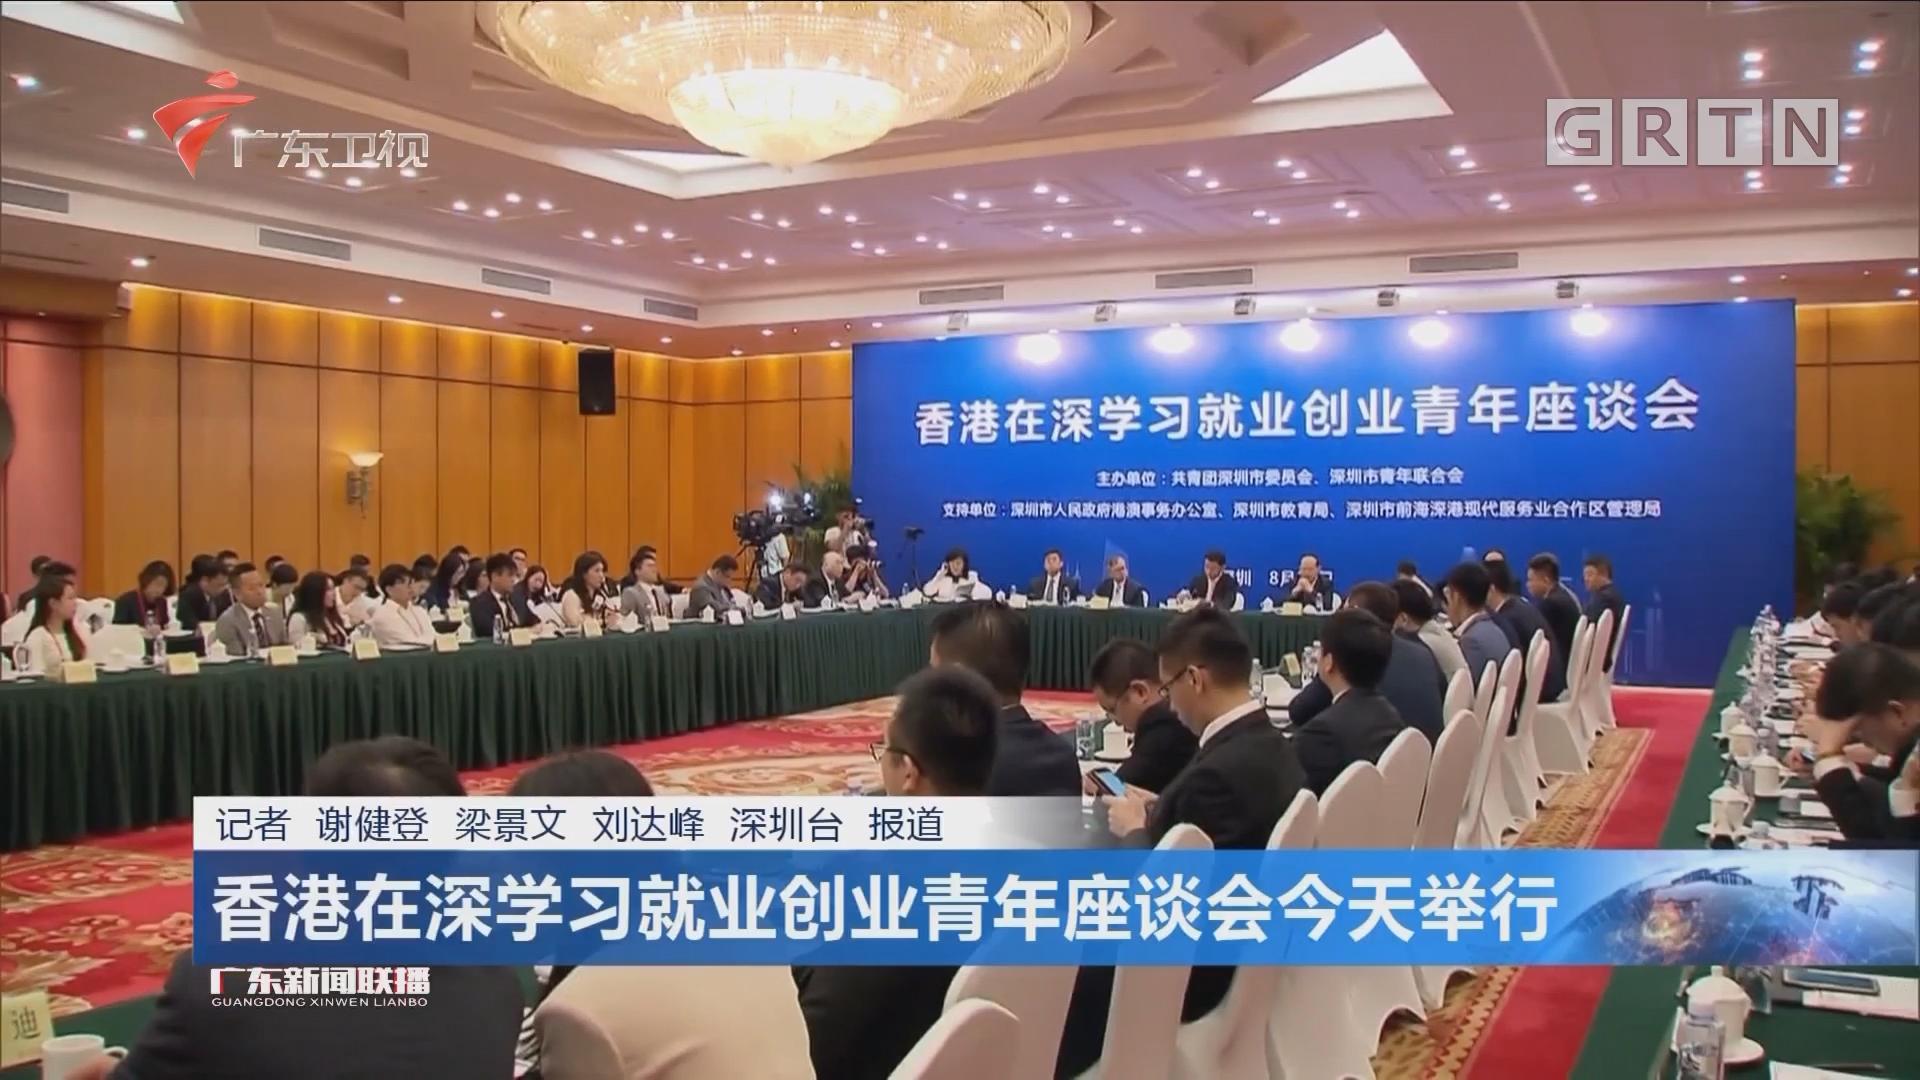 香港在深学习就业创业青年座谈会今天举行